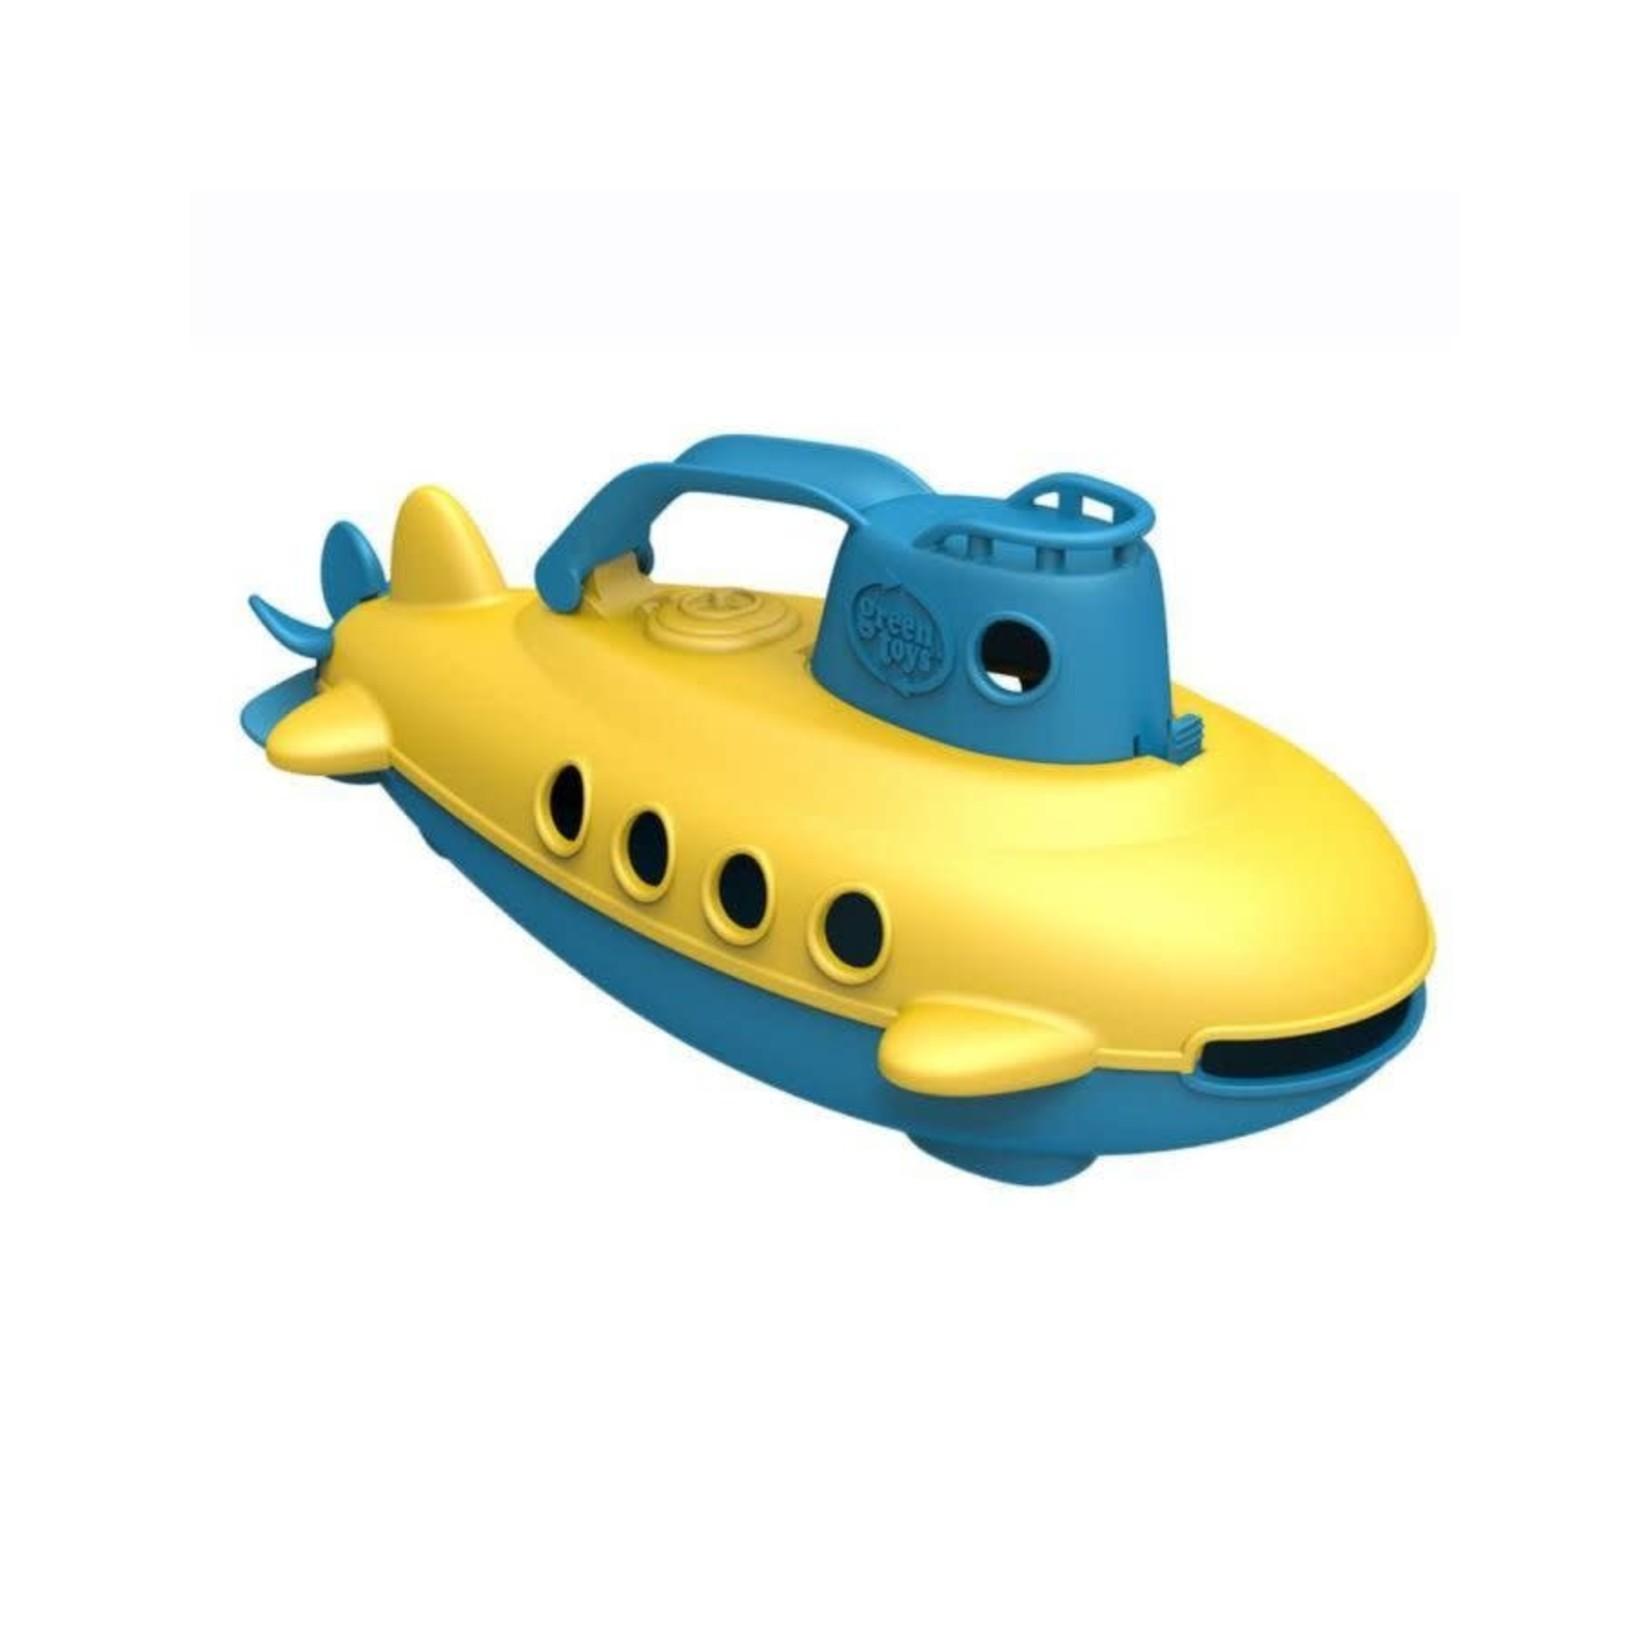 Green Toys Duikboot - Geel met blauwe handgreep